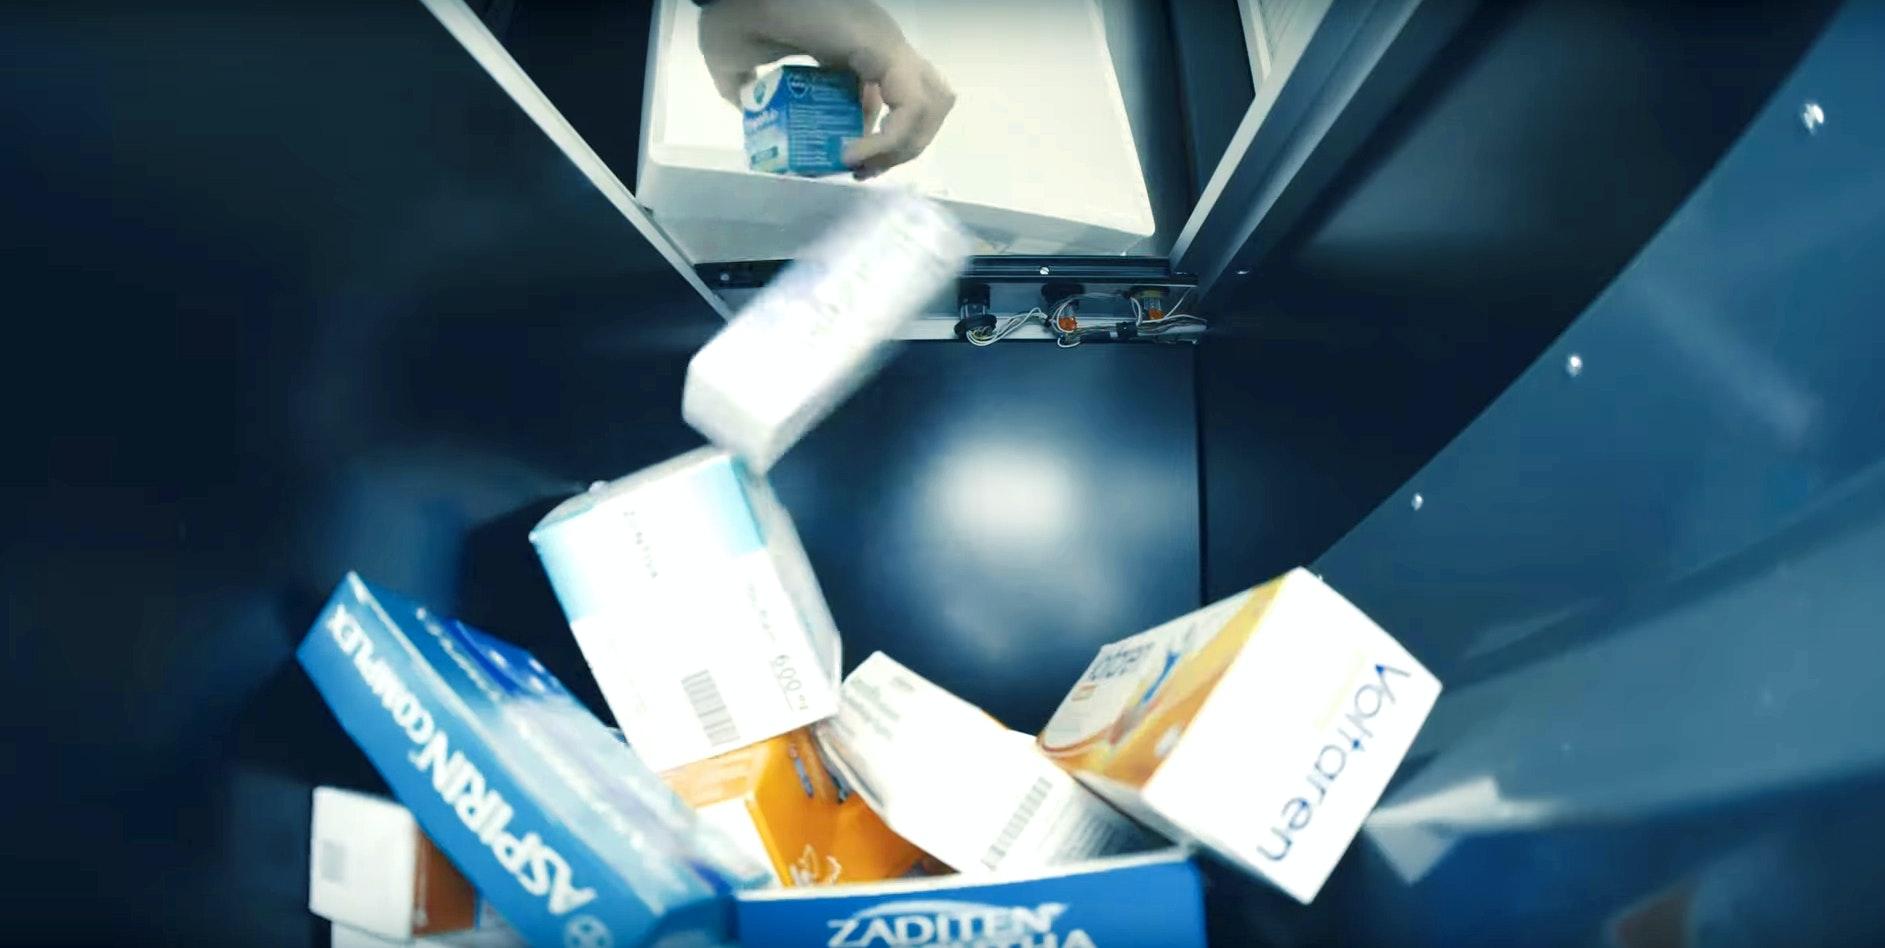 Apostore Kommisionierautomaten Erweiterung Feeder Einlagerung Grosshandelsbox Auskippen Video Prescreen